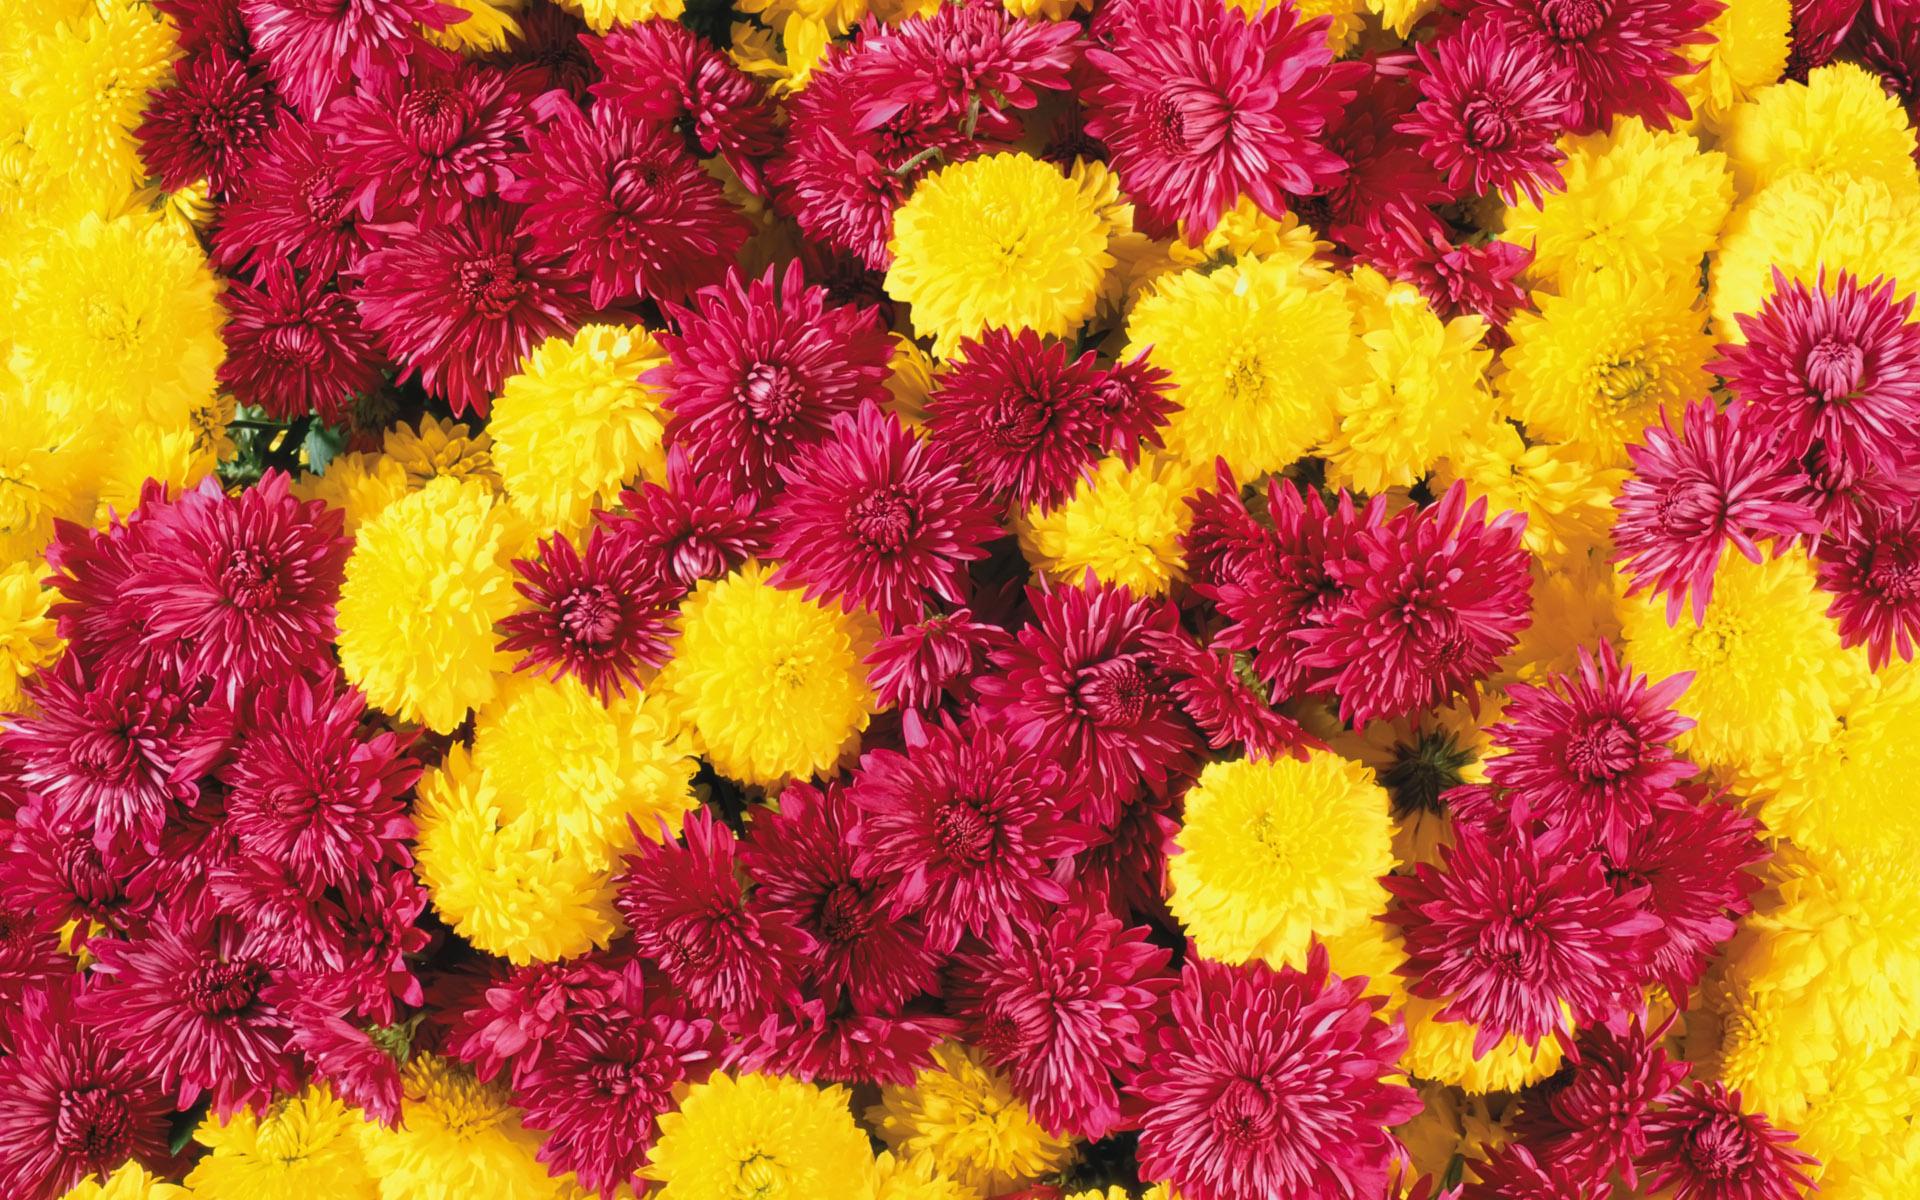 Обои на рабочий стол Цветы хризантемы   подборка (20)